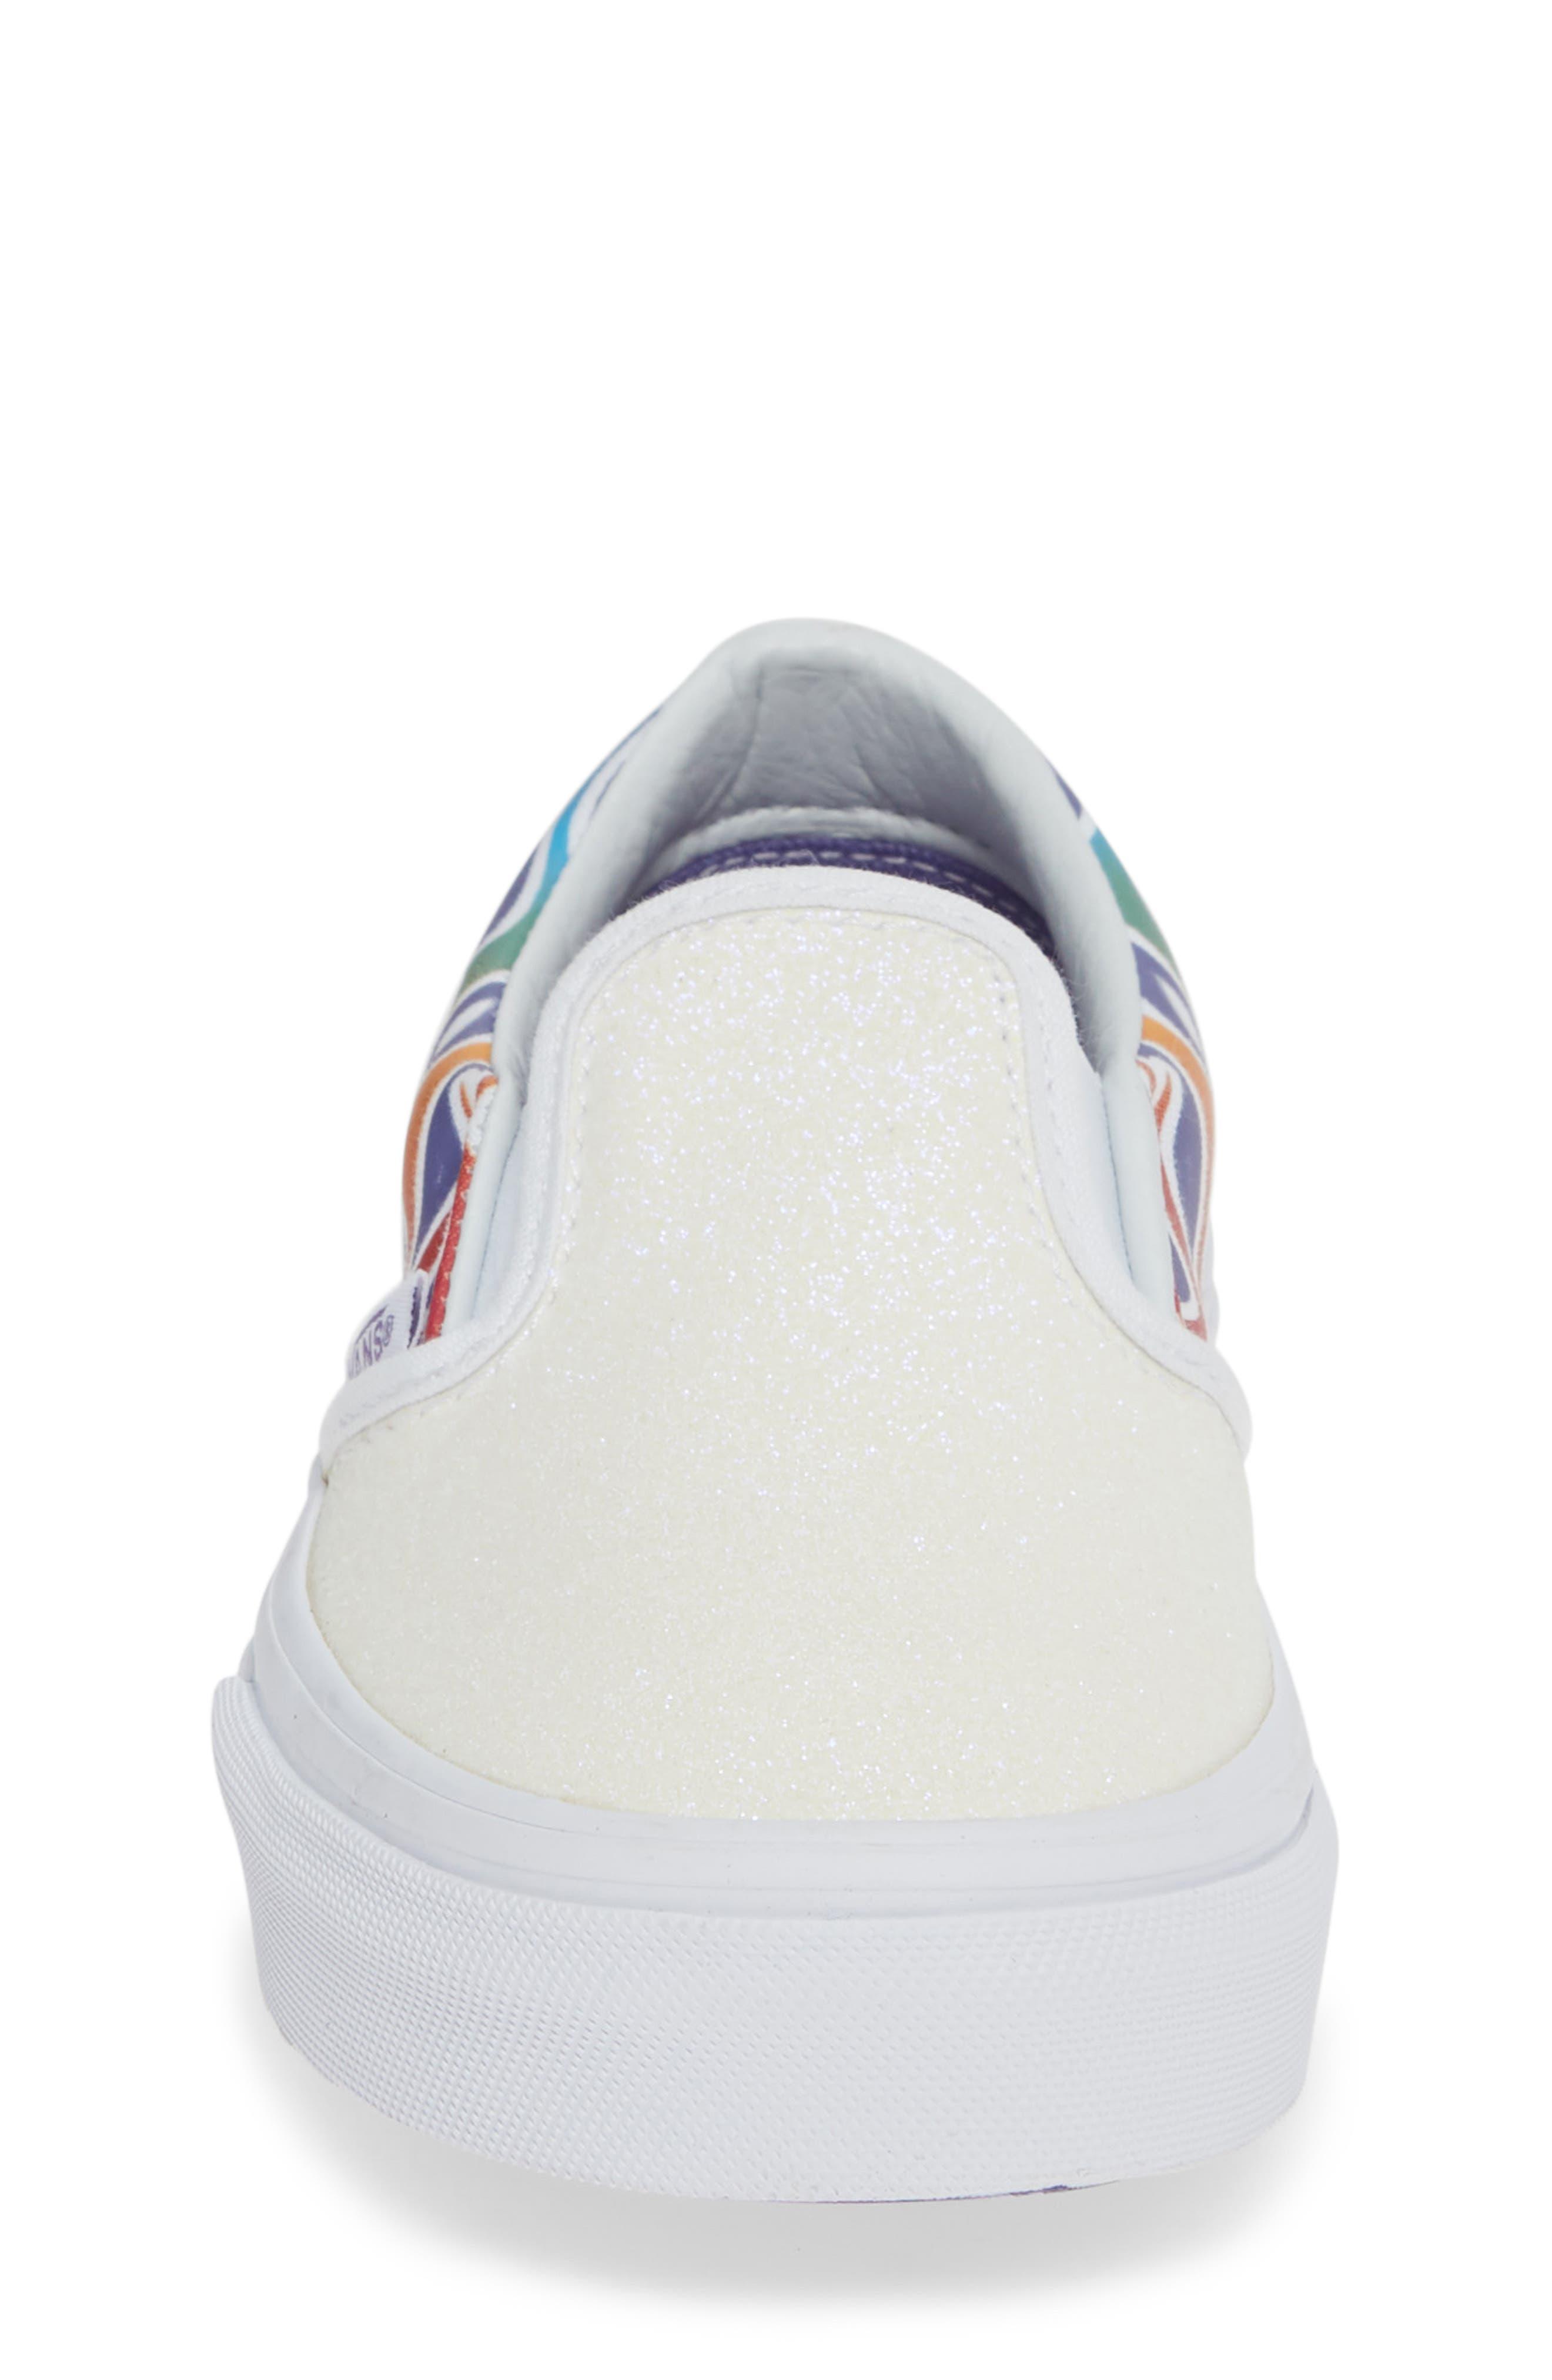 VANS,                             Classic Slip-On Glitter Sneaker,                             Alternate thumbnail 4, color,                             110